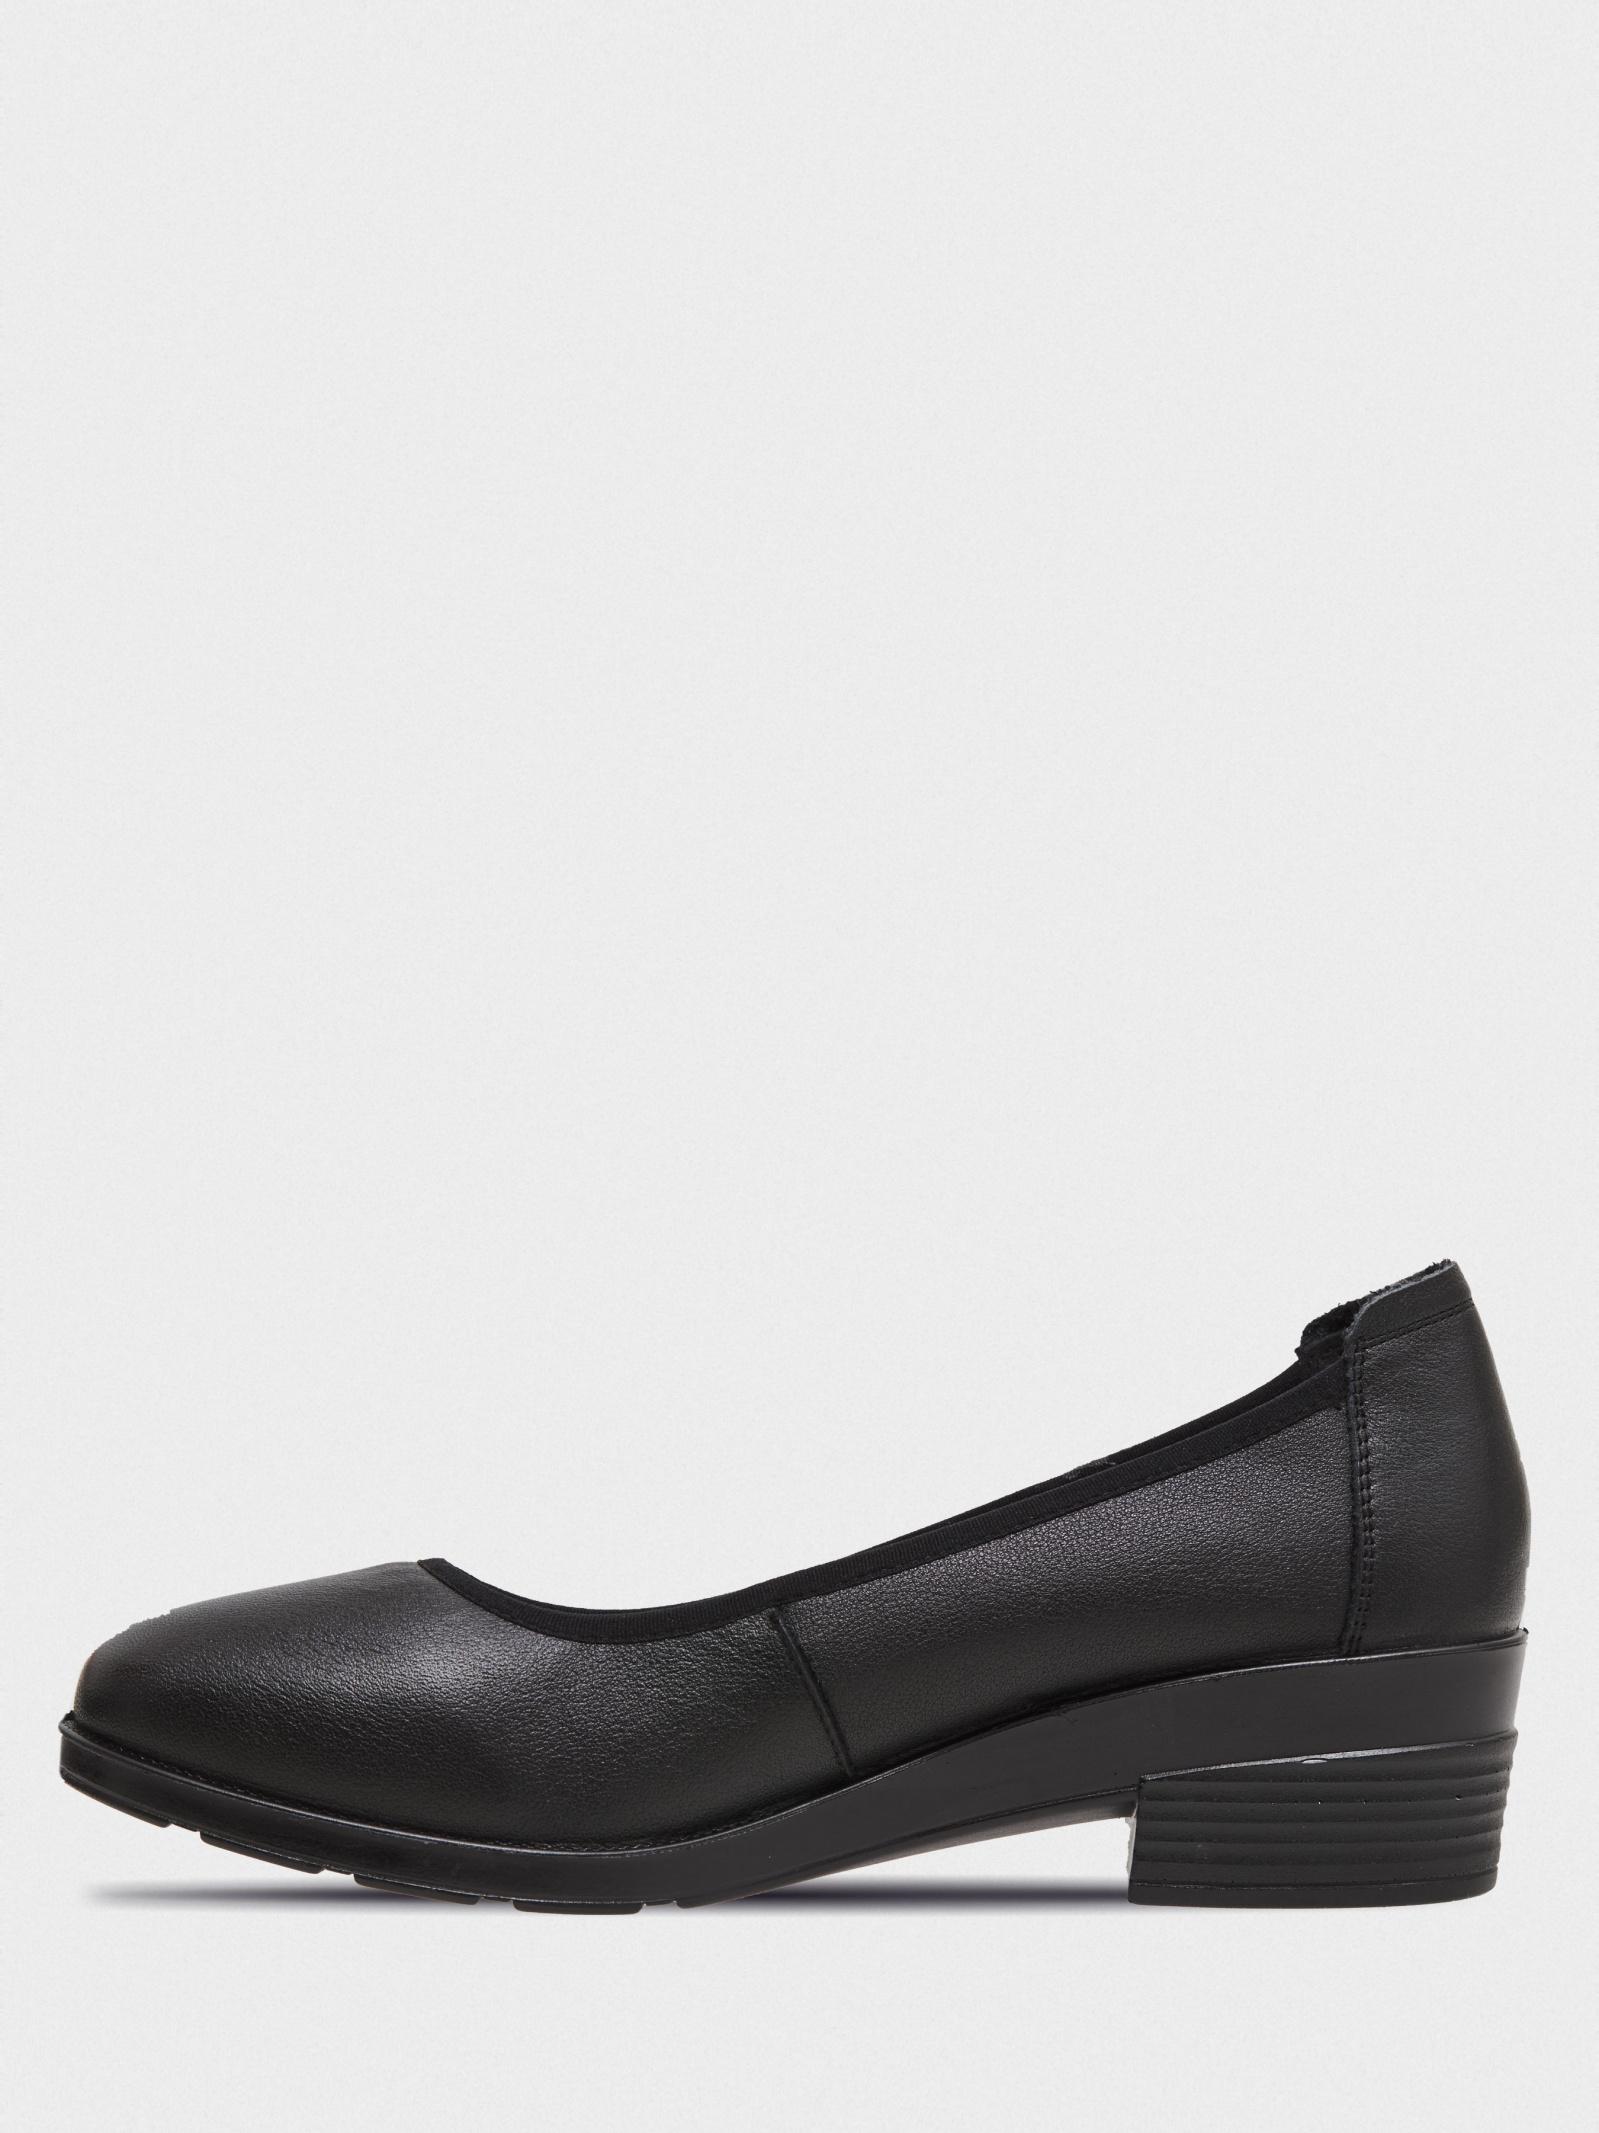 Туфли для женщин Gunter GR209 цена, 2017